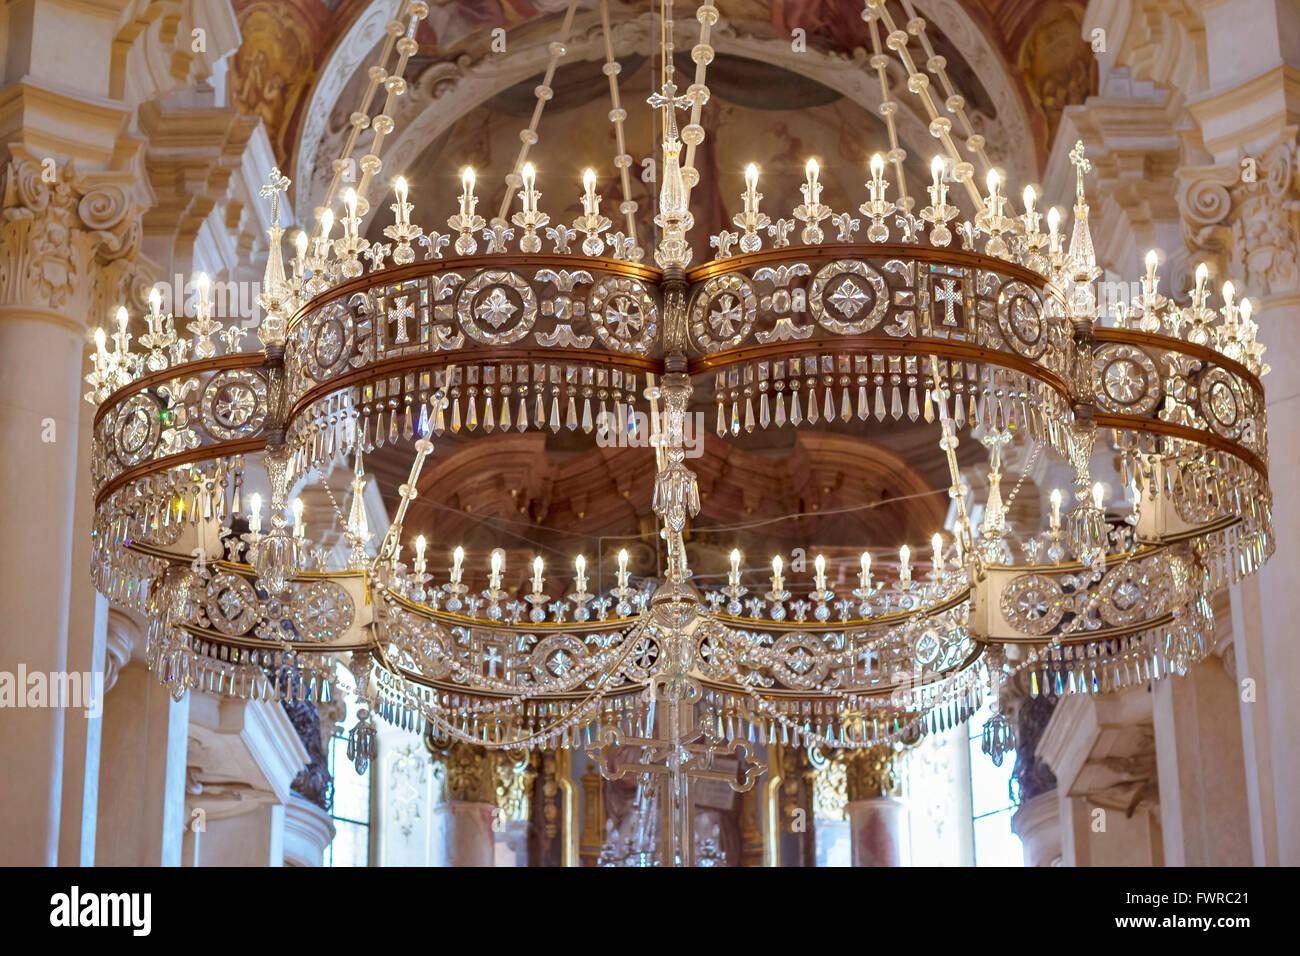 Kristall Und Kronleuchter Böhmen ~ Kristall kronleuchter ersatzteile kristallleuchter antiker la